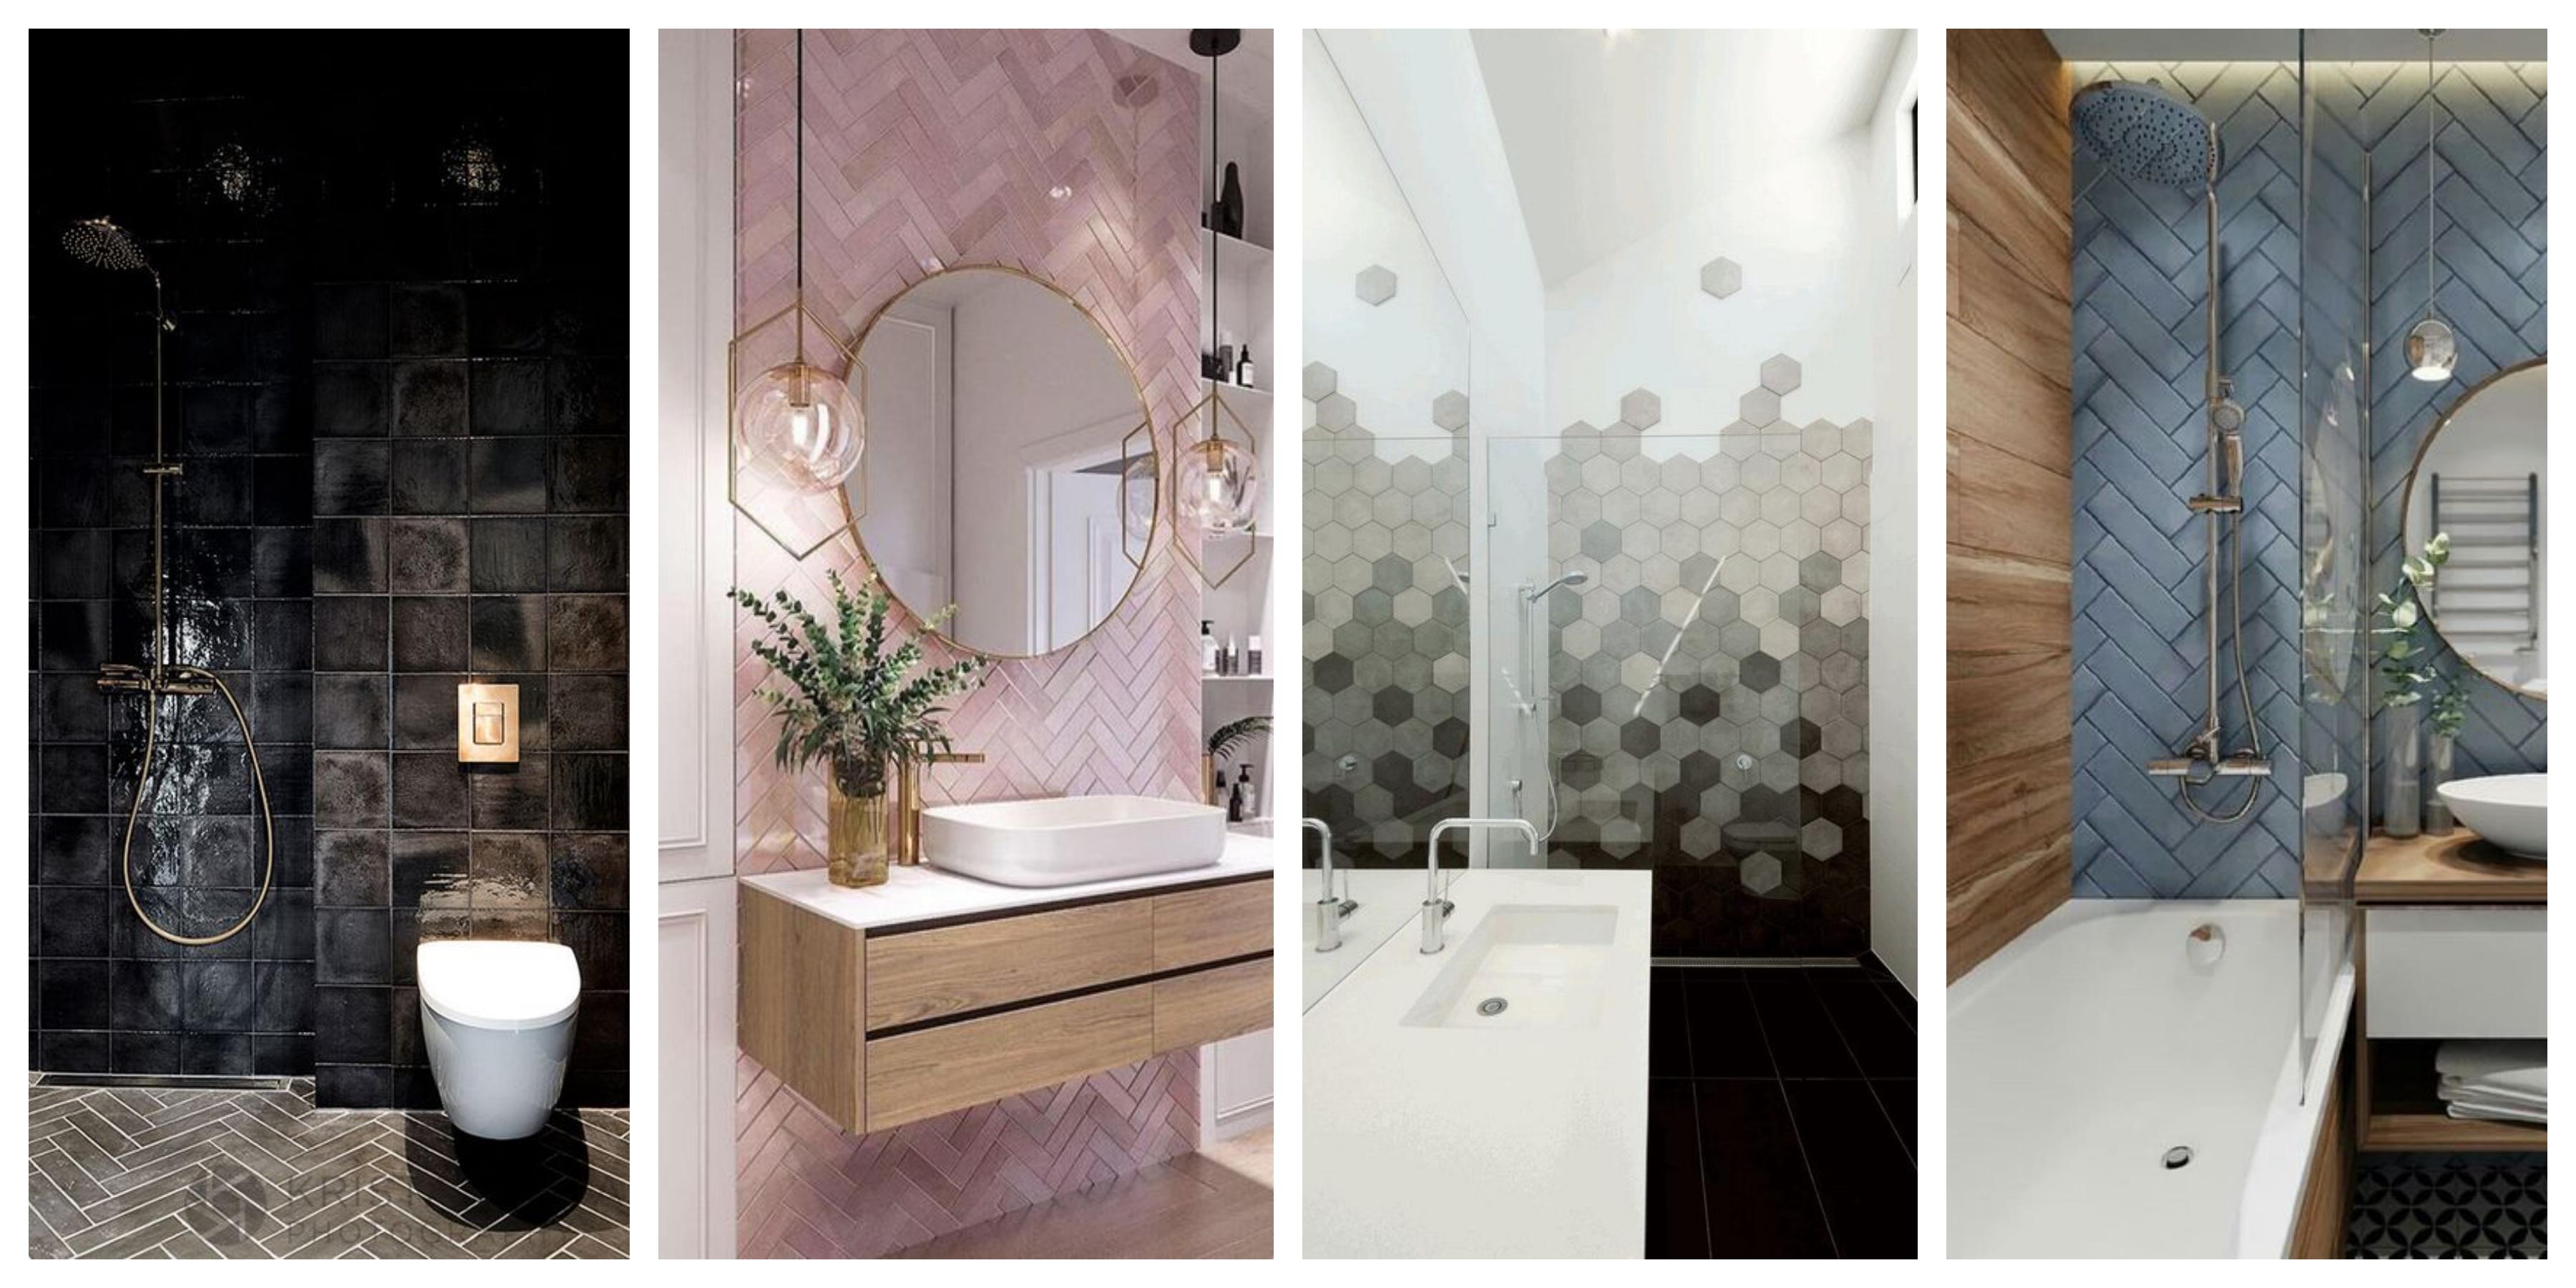 Obklady do koupelny - inspirace, fotogalerie